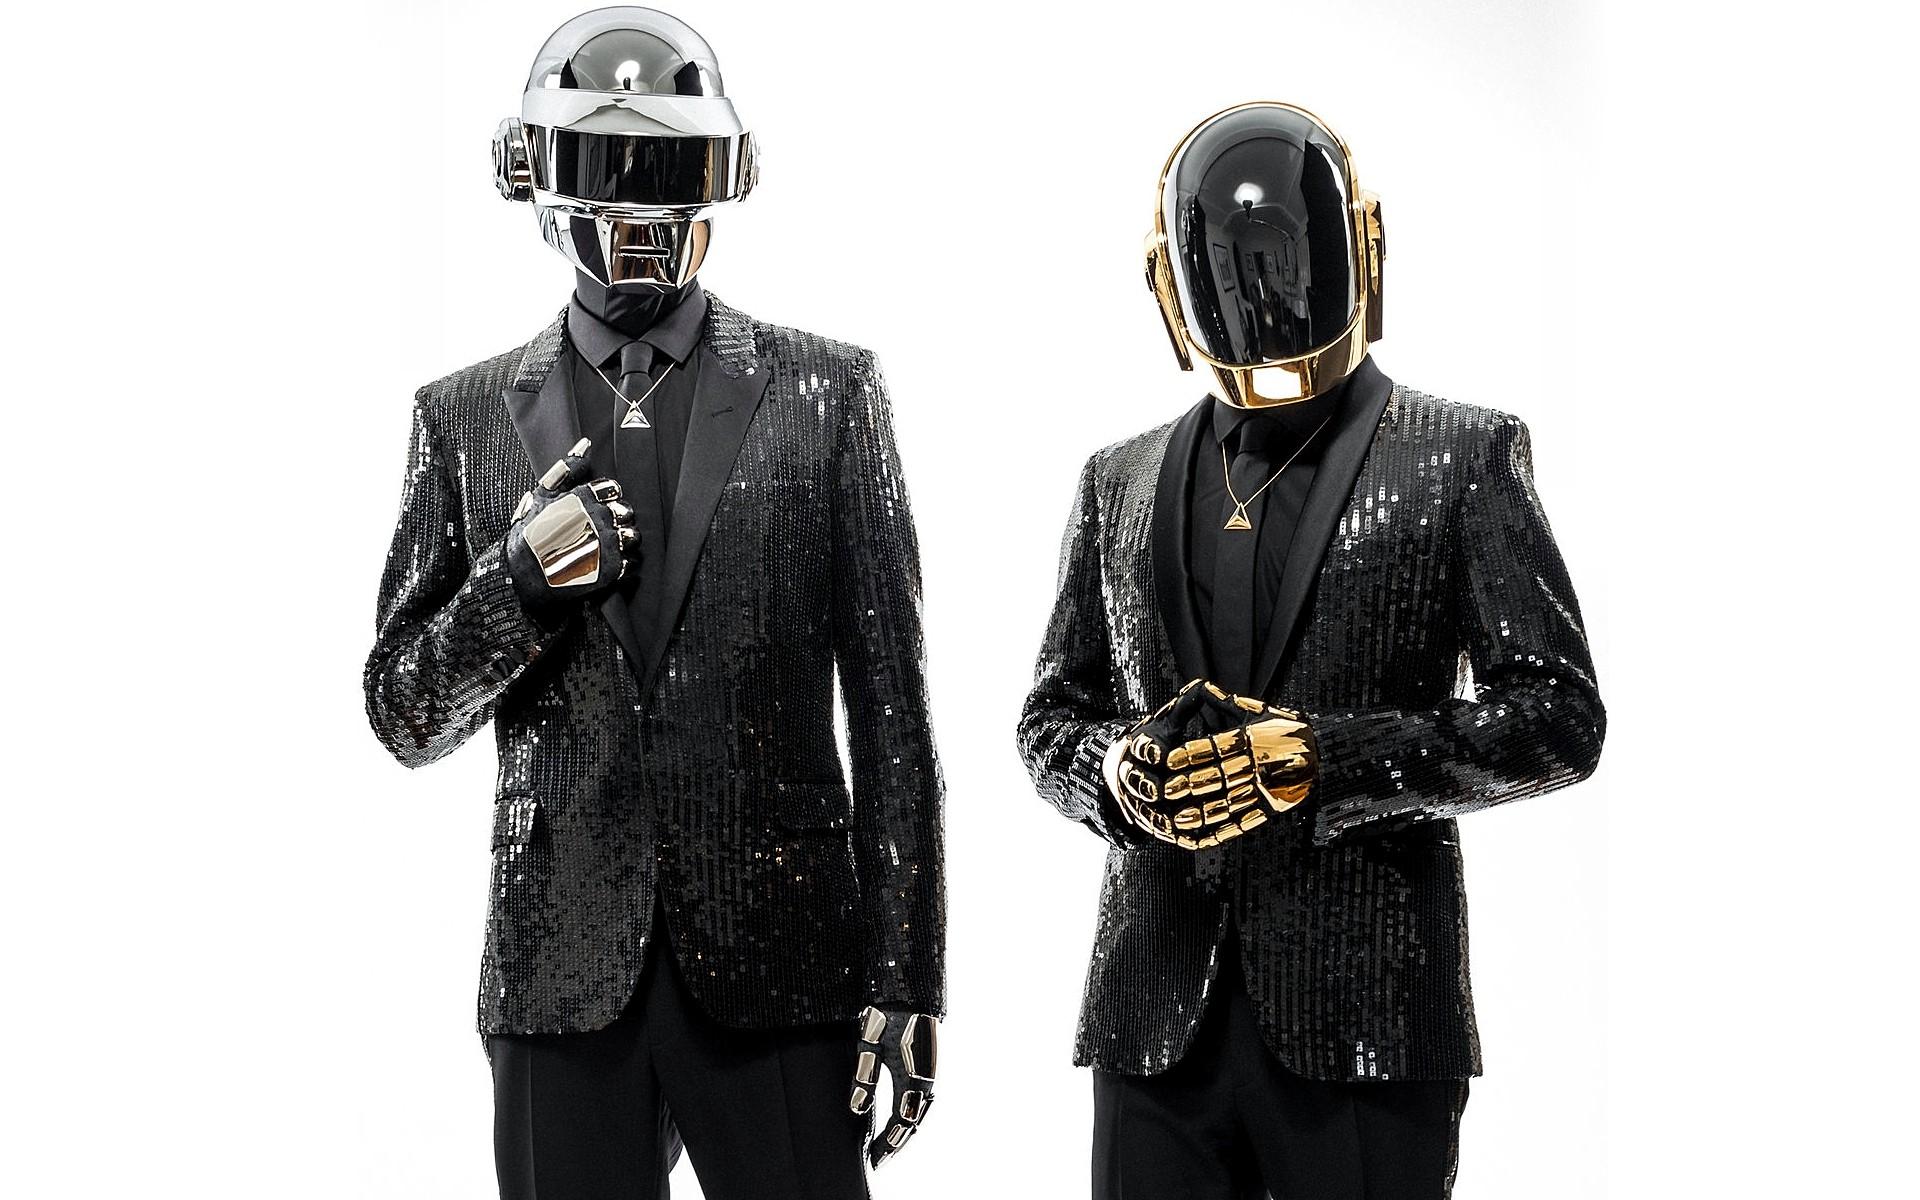 Dj Daft Punk - 1920x1200